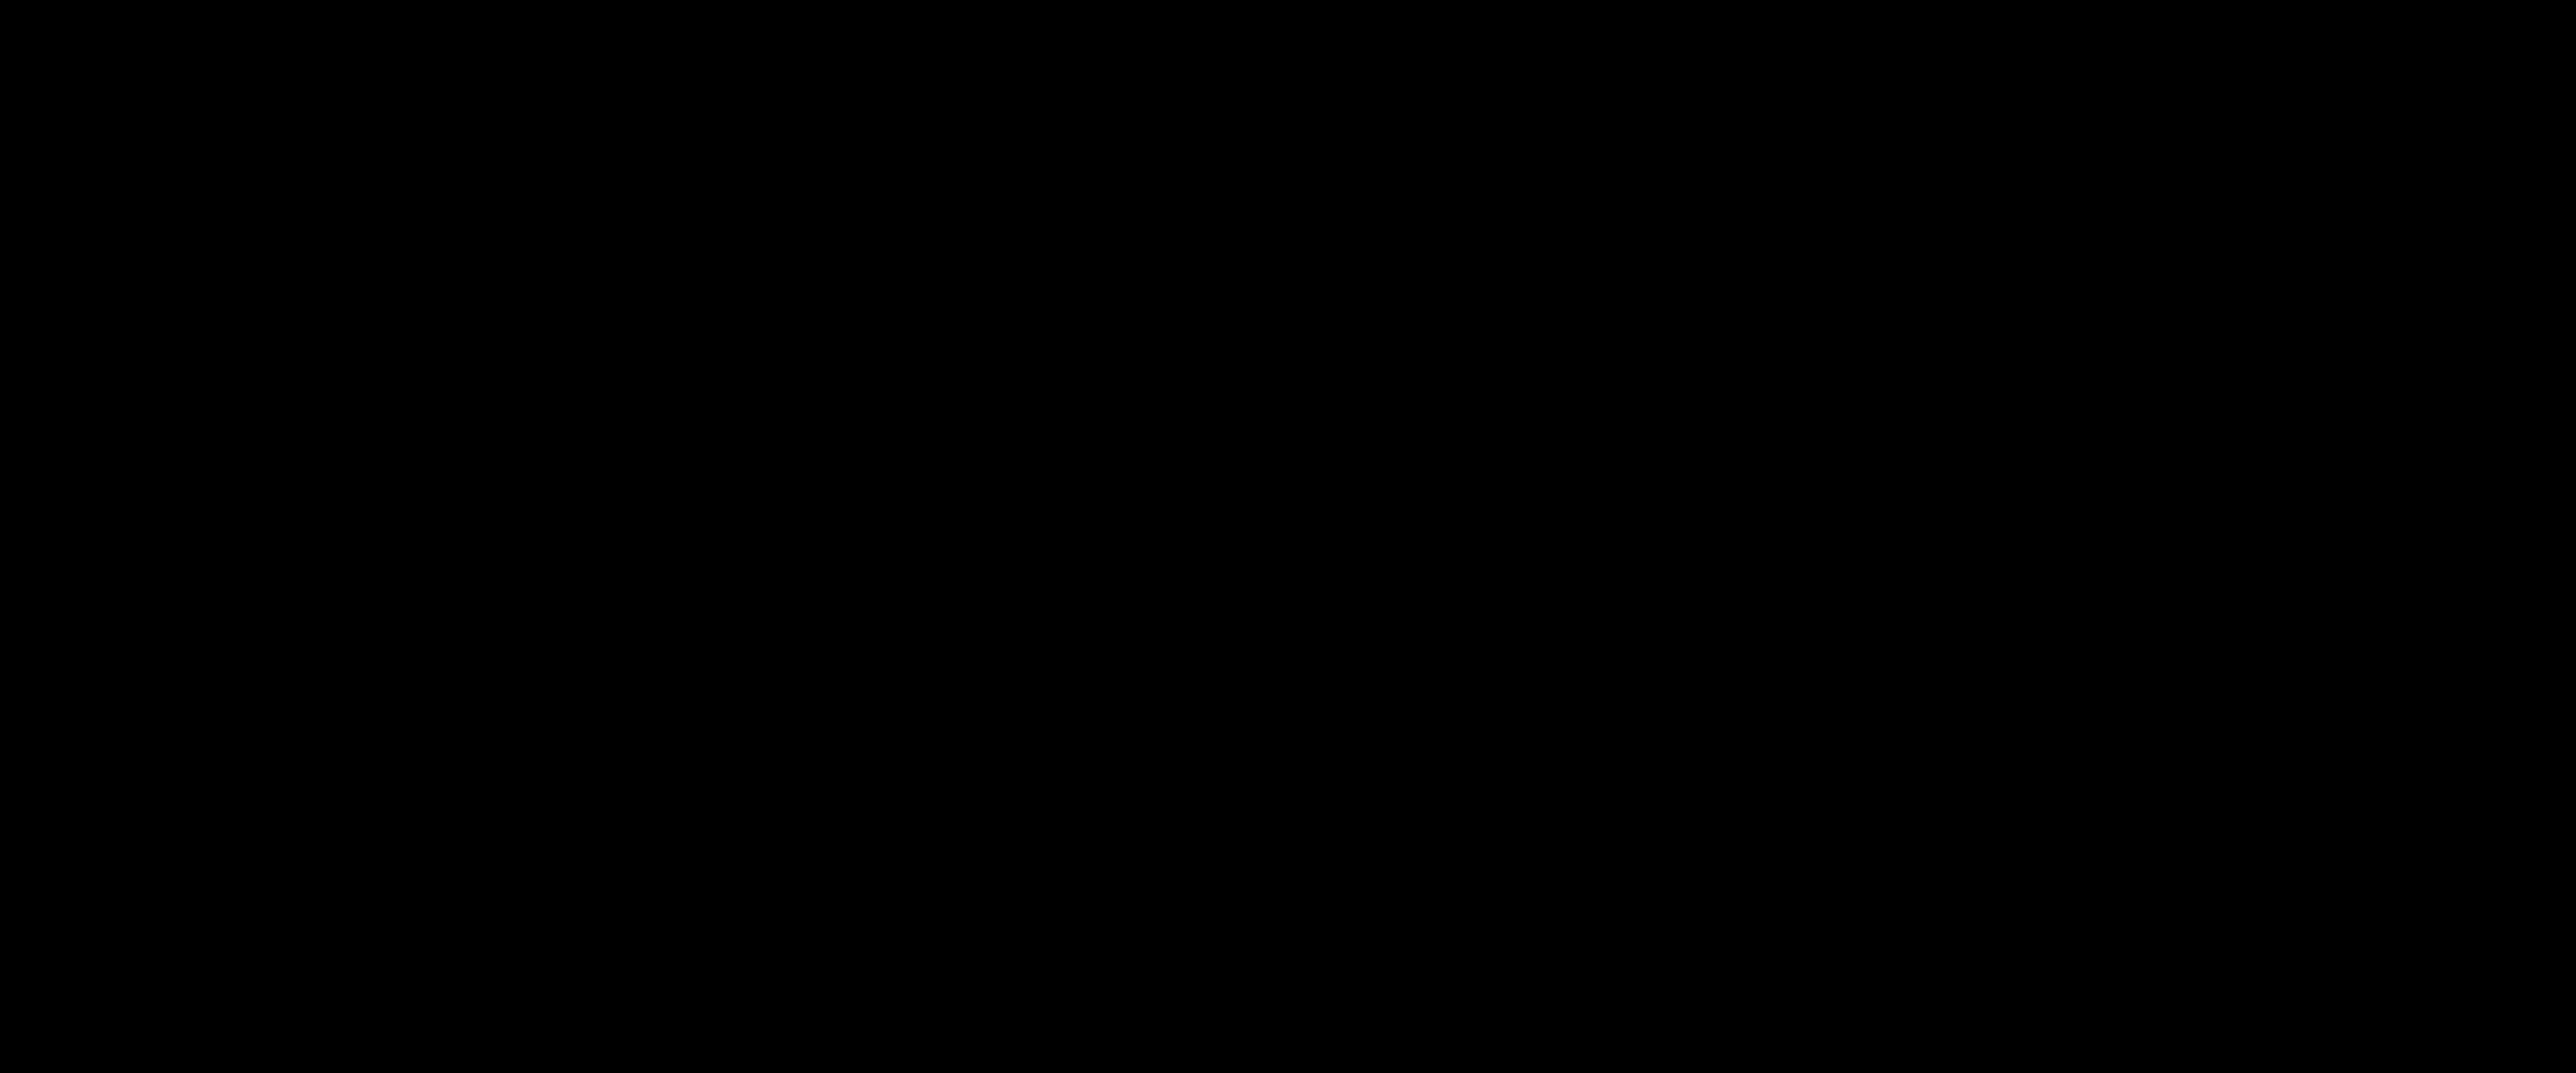 magazzino cipolle Tanzougou Burkina Faso Mani Tese 2017